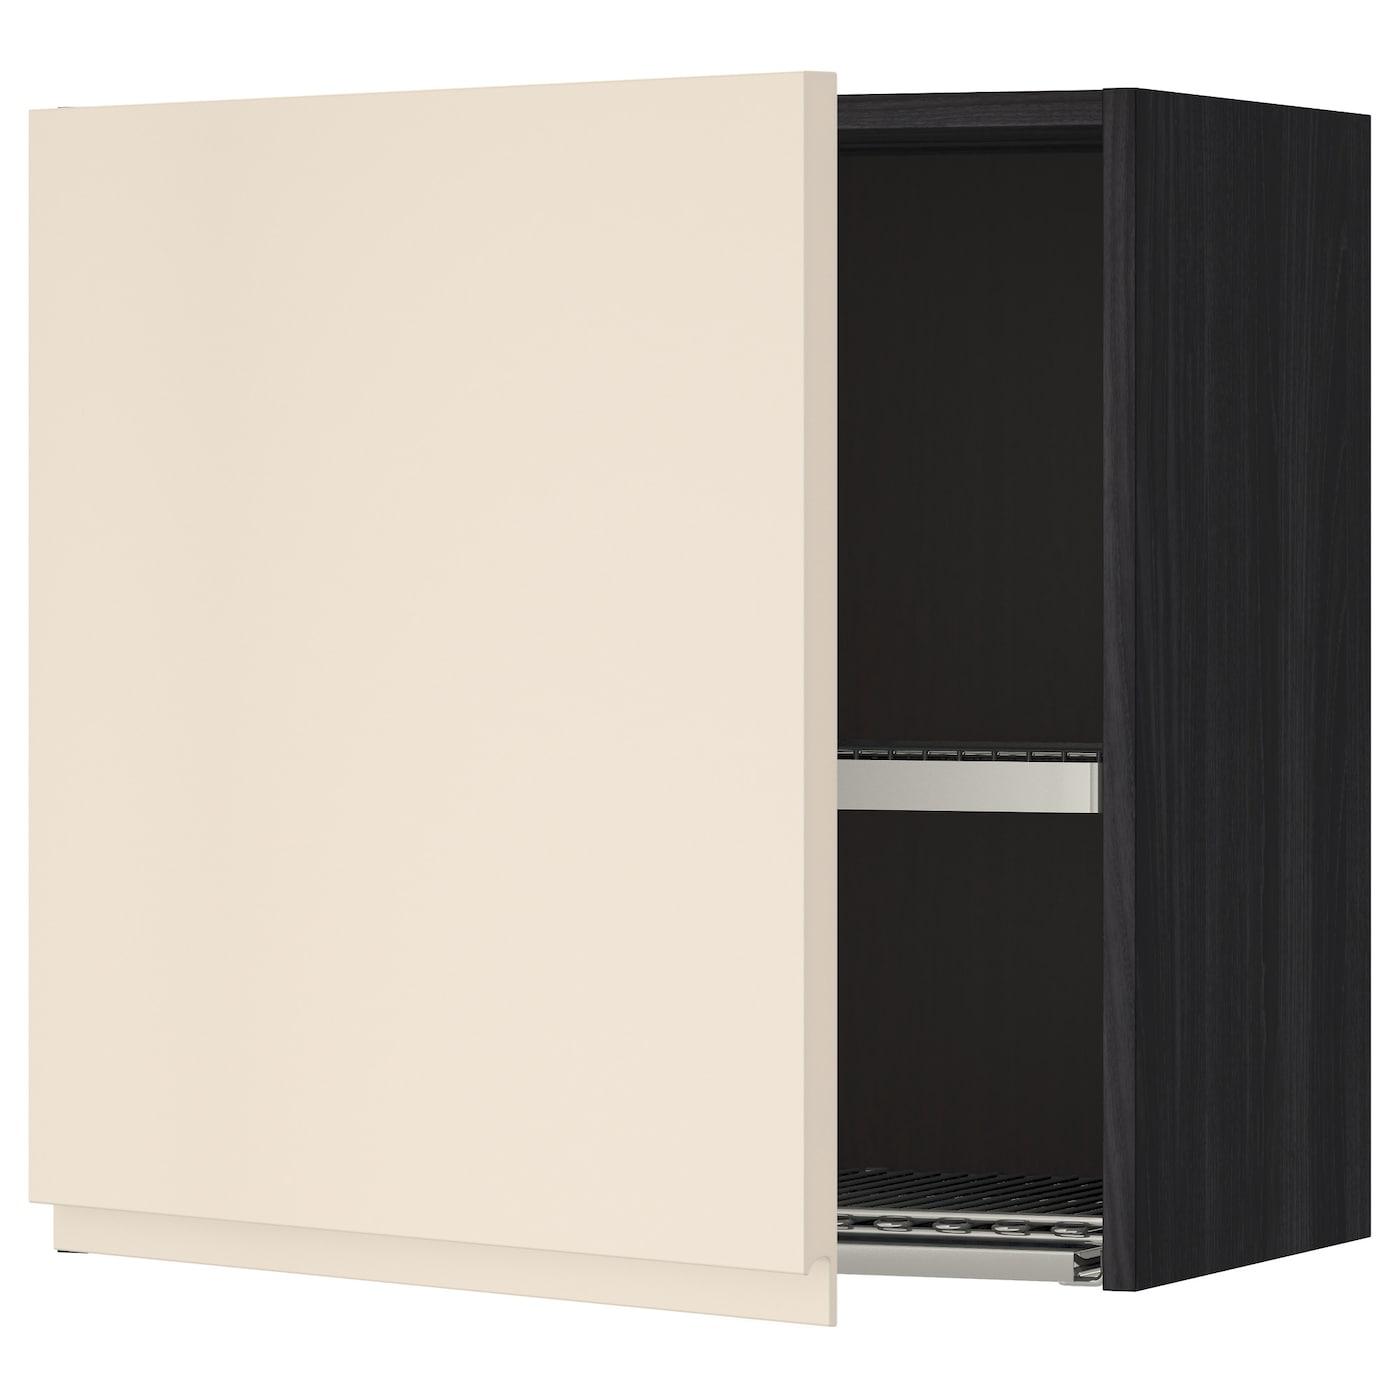 METOD, Wandschrank mit Abtropfgestell, schwarz 791.150.22